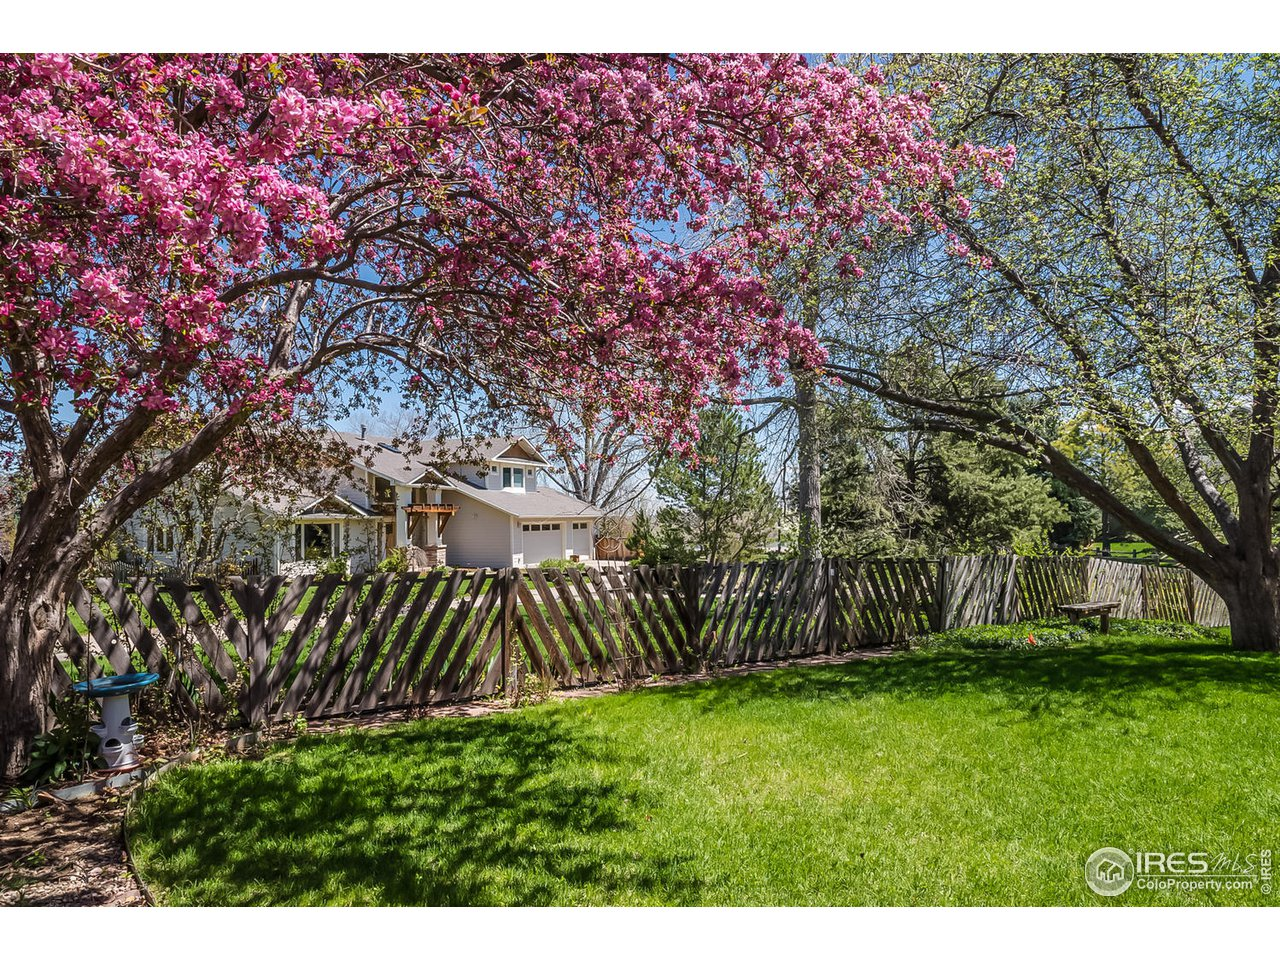 Backyard in Spring